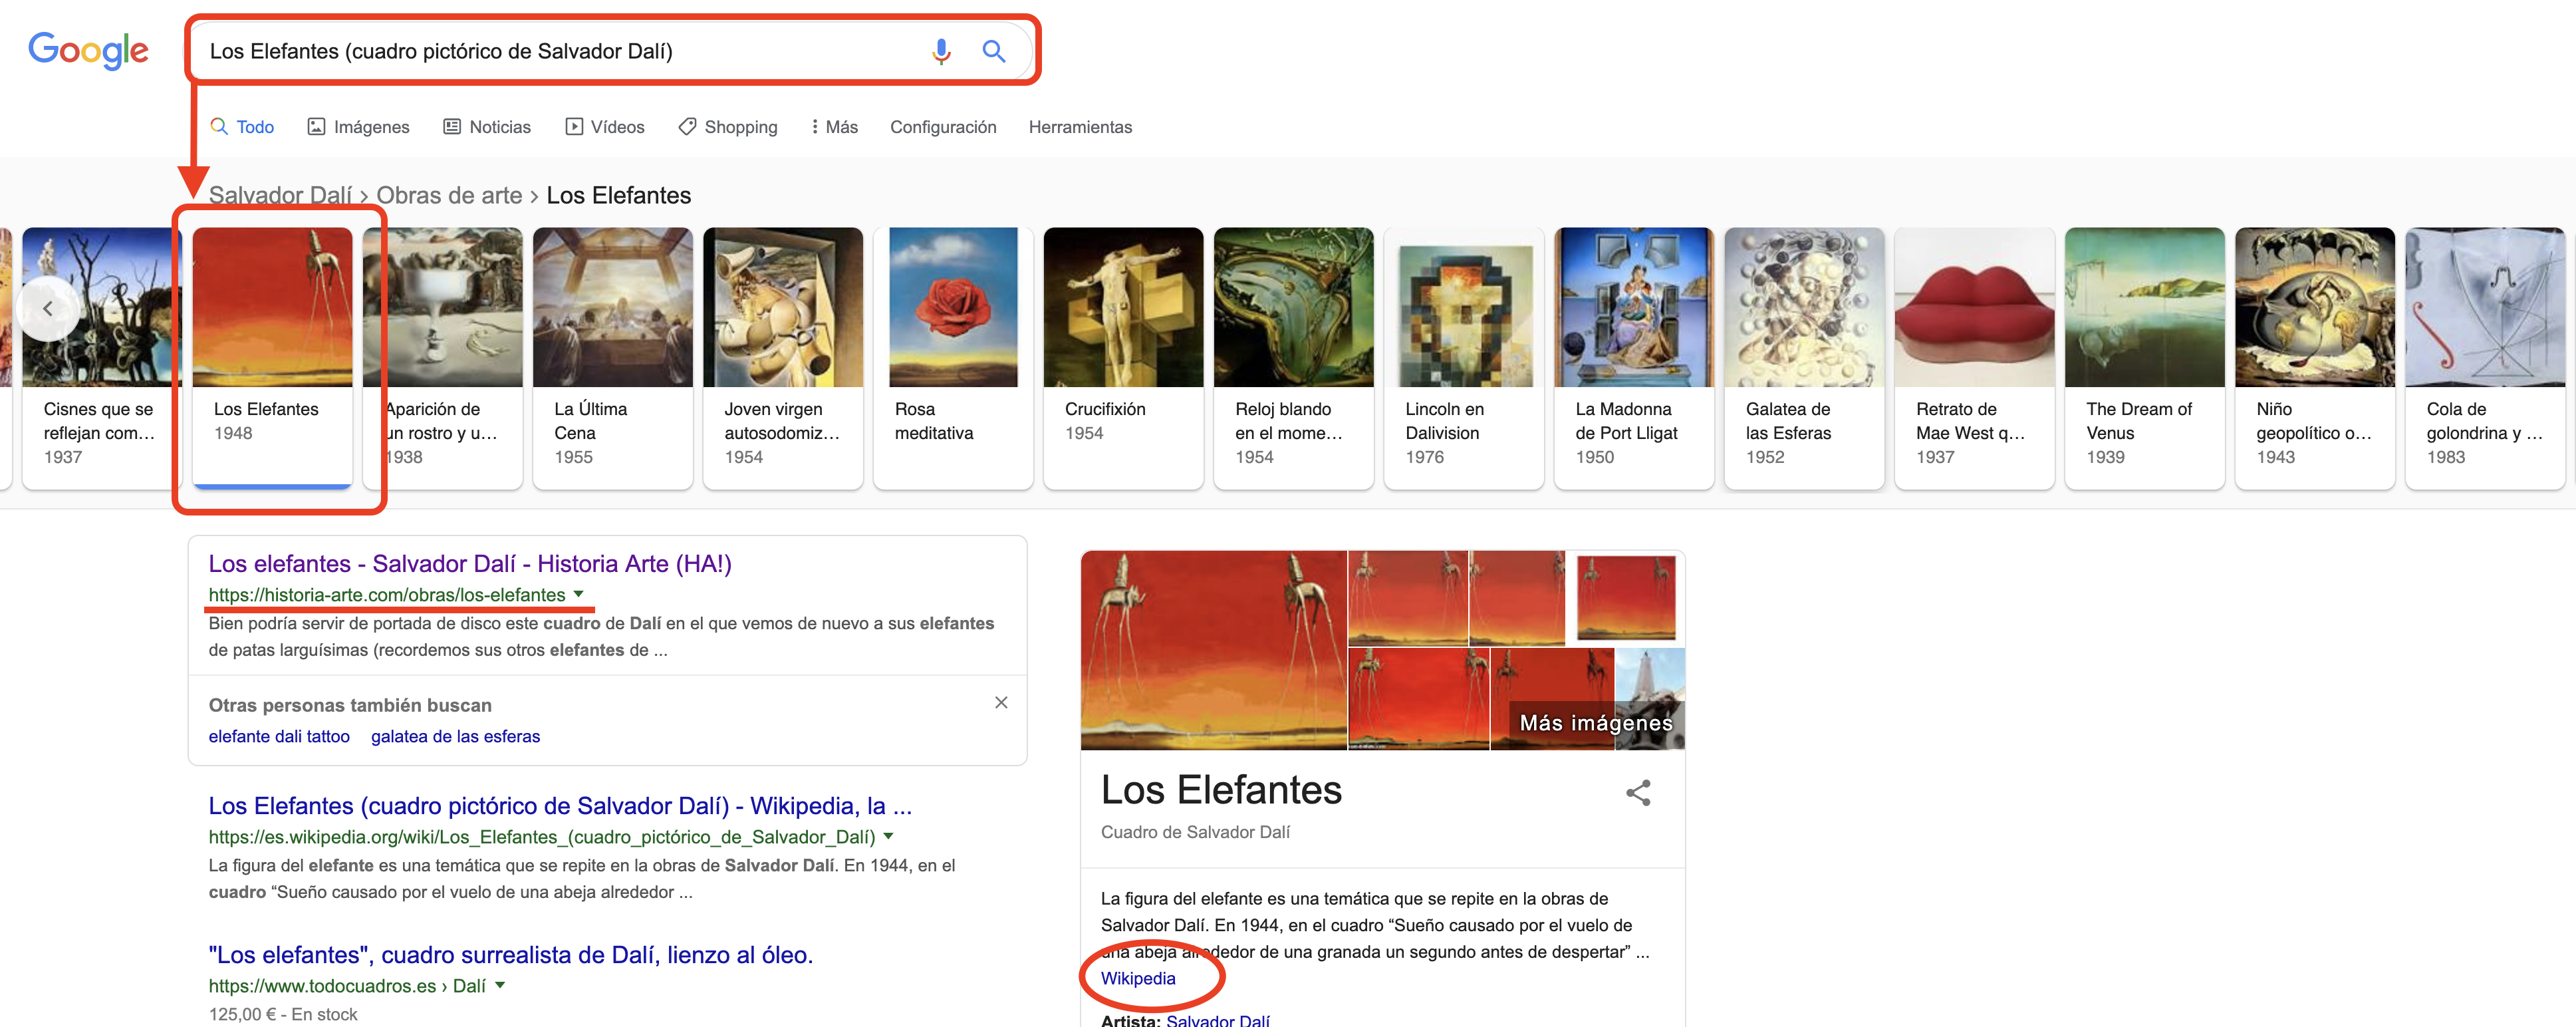 SERPs - Los Elefantes (cuadro pictórico de Salvador Dalí)